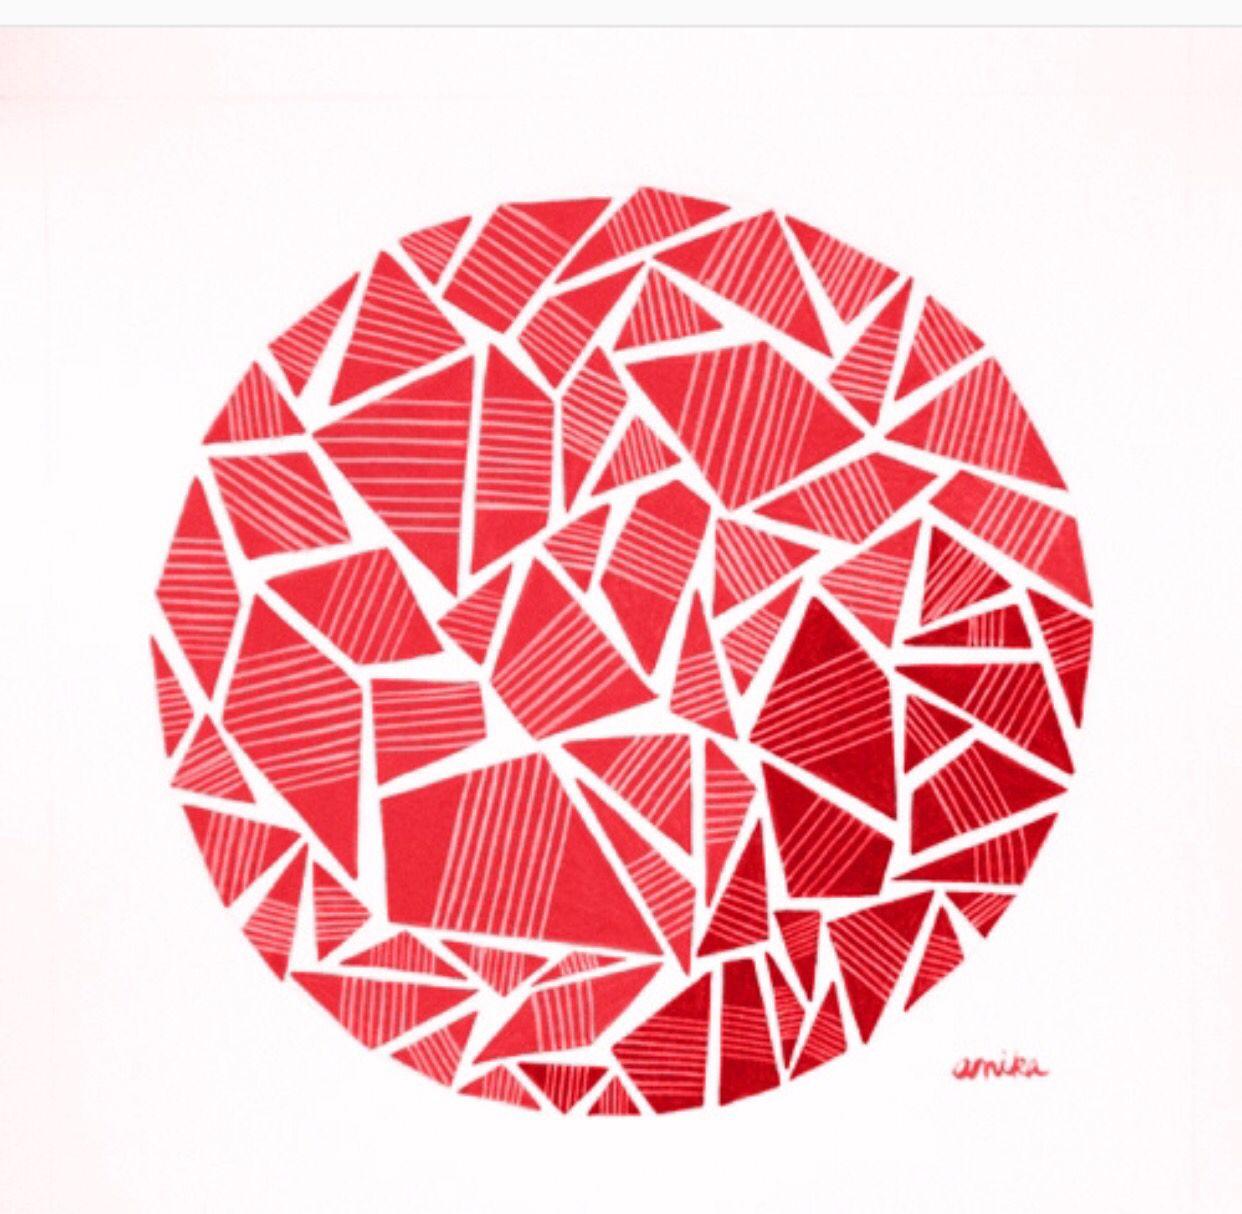 اشكال هندسيه Graphic Design Images Pattern Art Art Drawings Sketches Simple